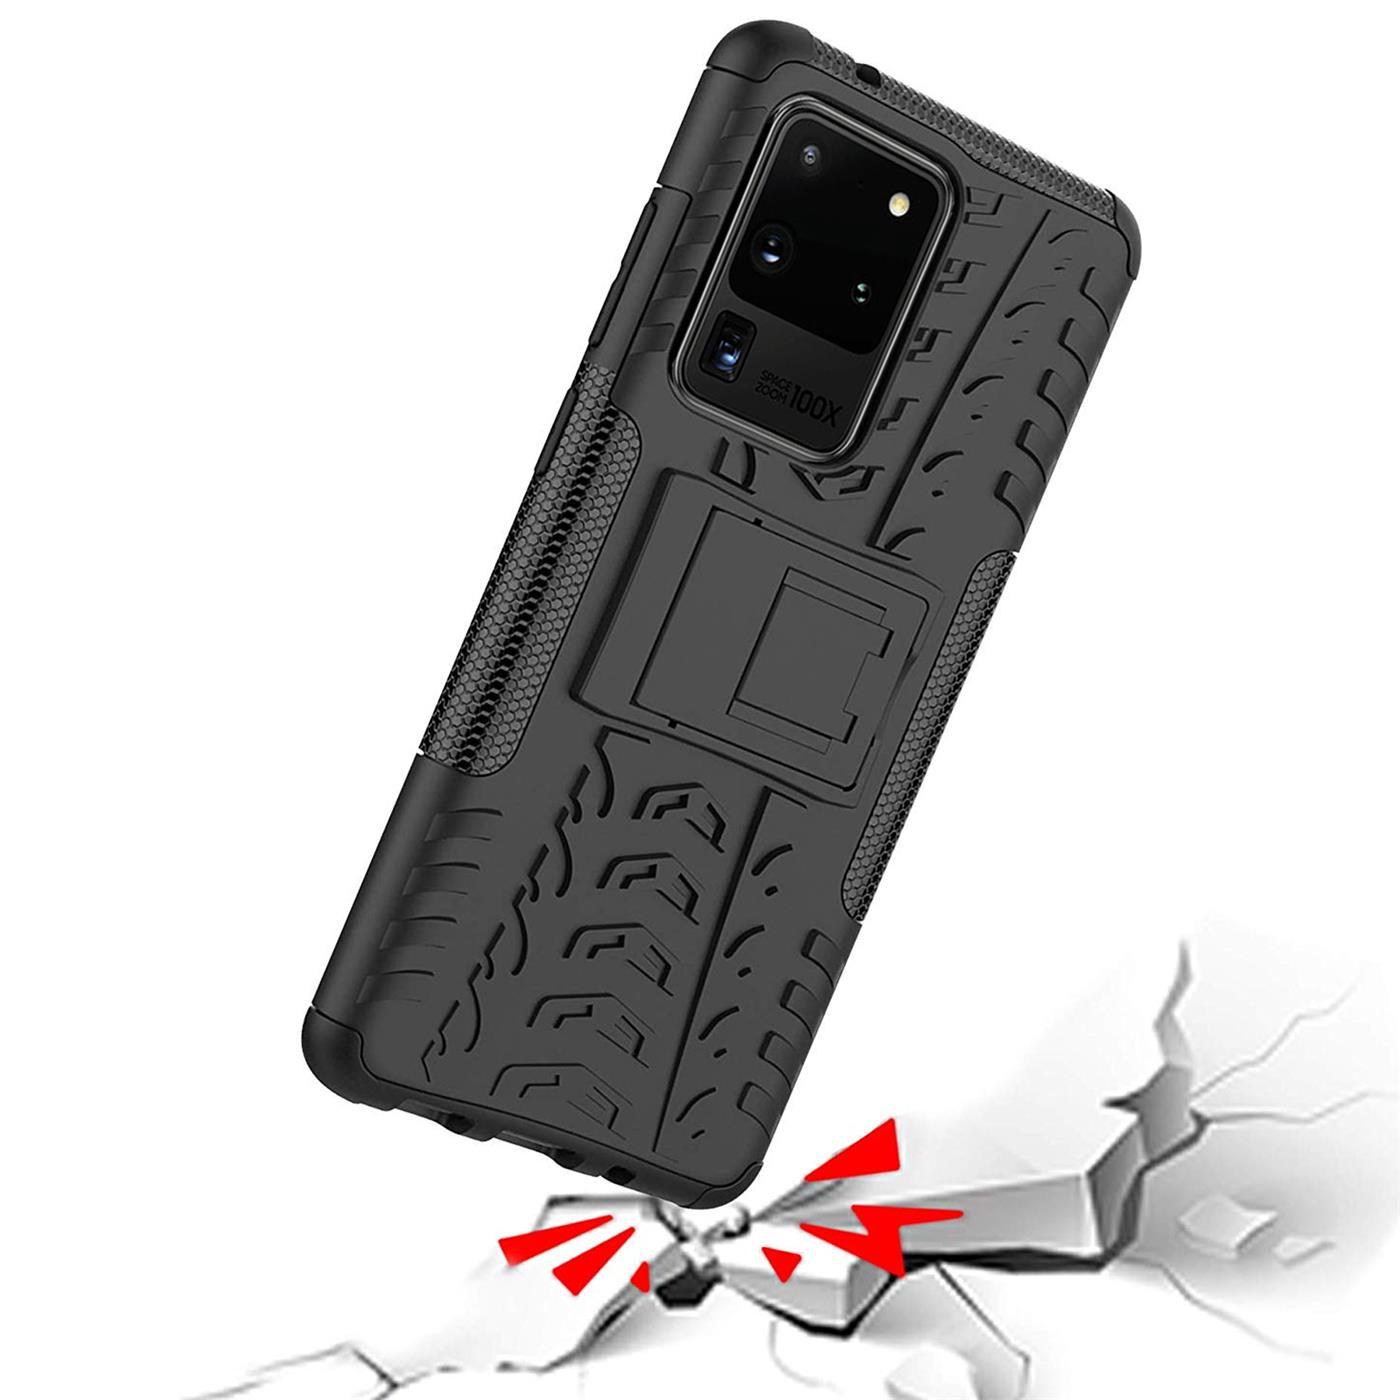 Samsung-Galaxy-S20-Serie-Schutzhuelle-Rugged-Handy-Tasche-Robust-Outdoor-Cover Indexbild 25